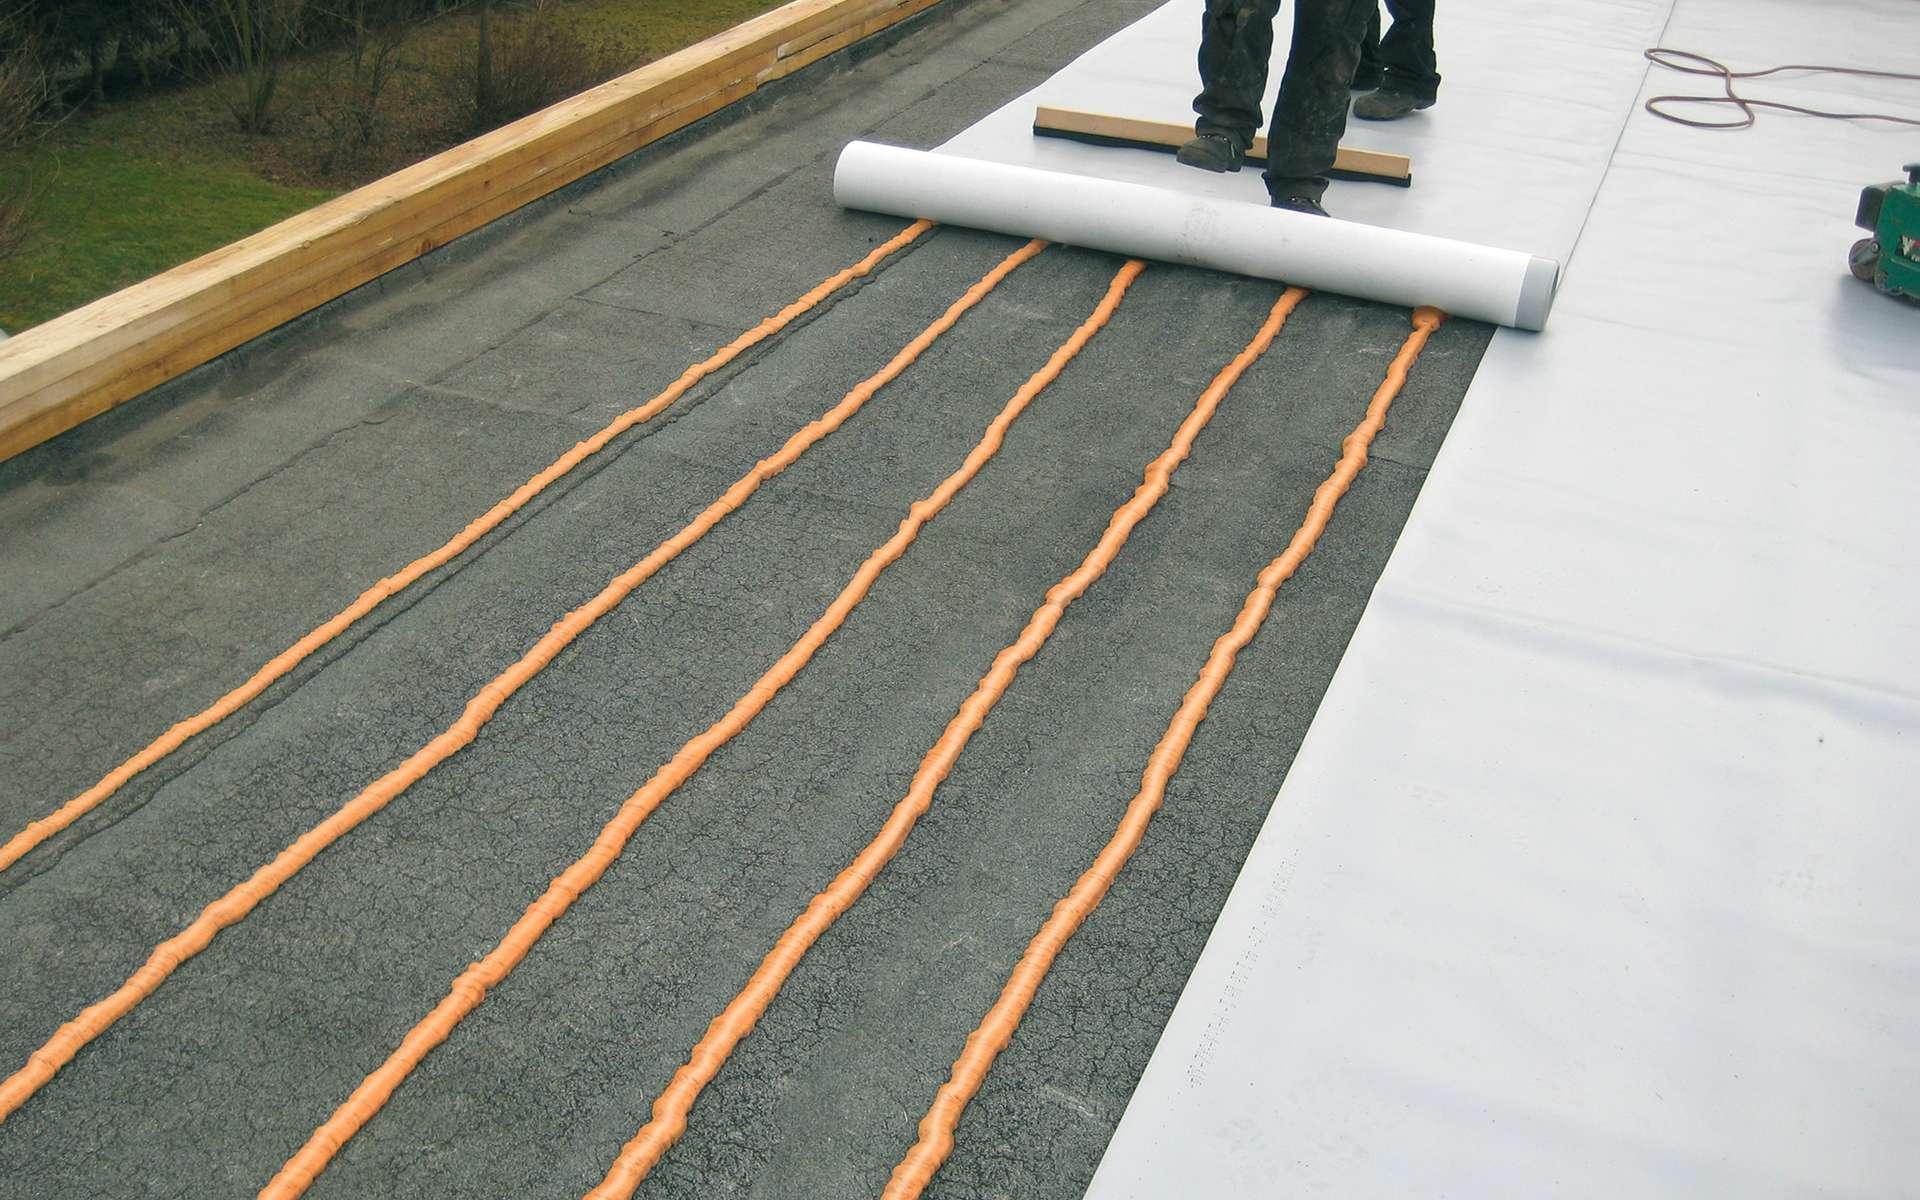 Le cool roof permet de rafraîchir les locaux, lors des fortes chaleurs estivales. © Siplast (Monarplan FM)